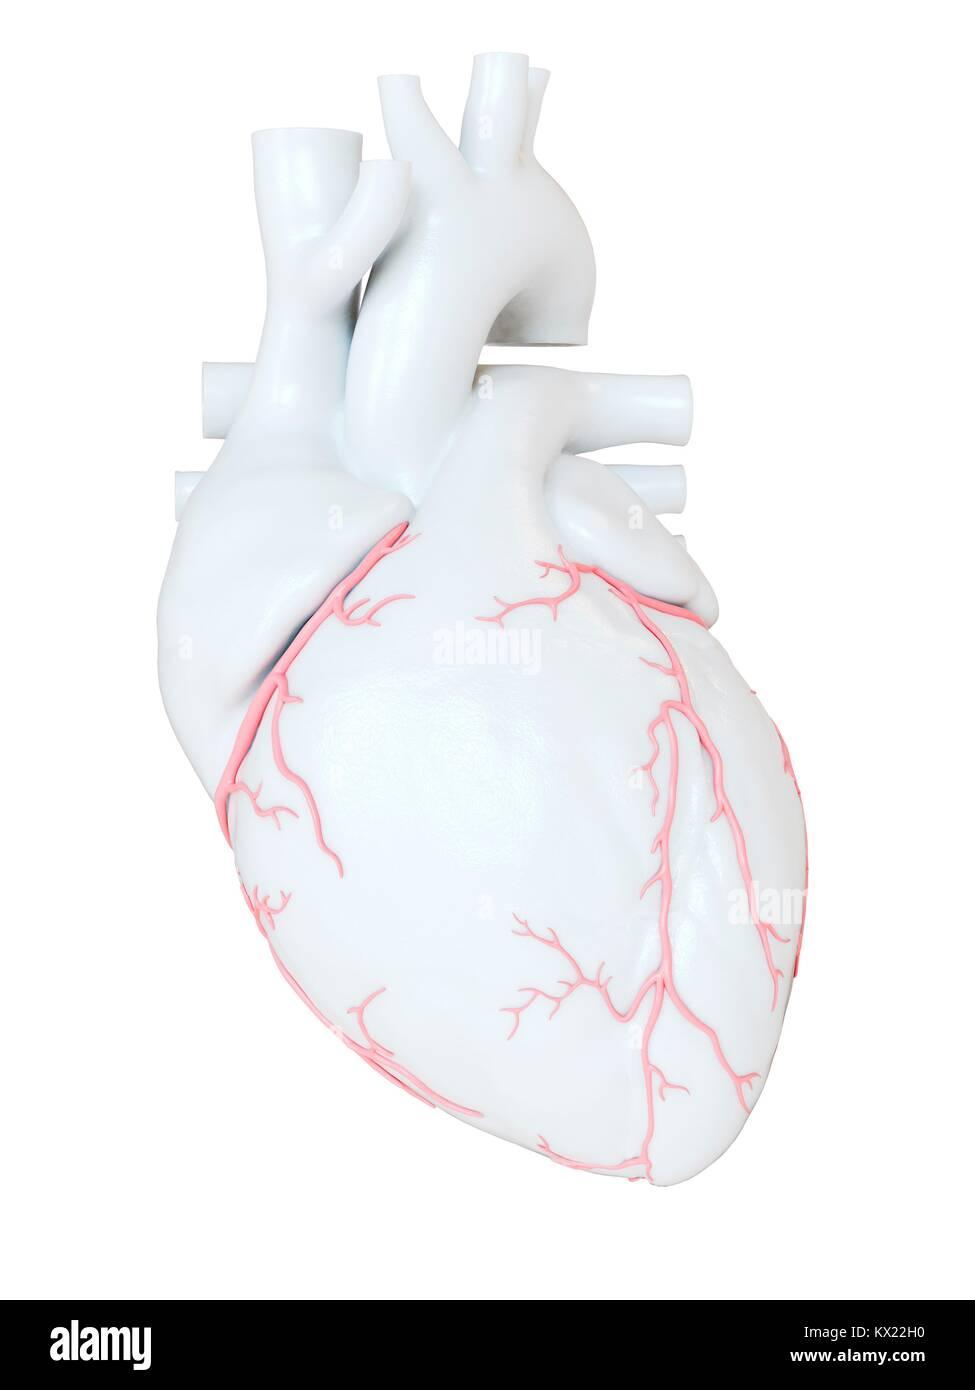 Coronary Arteries Artwork Stockfotos & Coronary Arteries Artwork ...